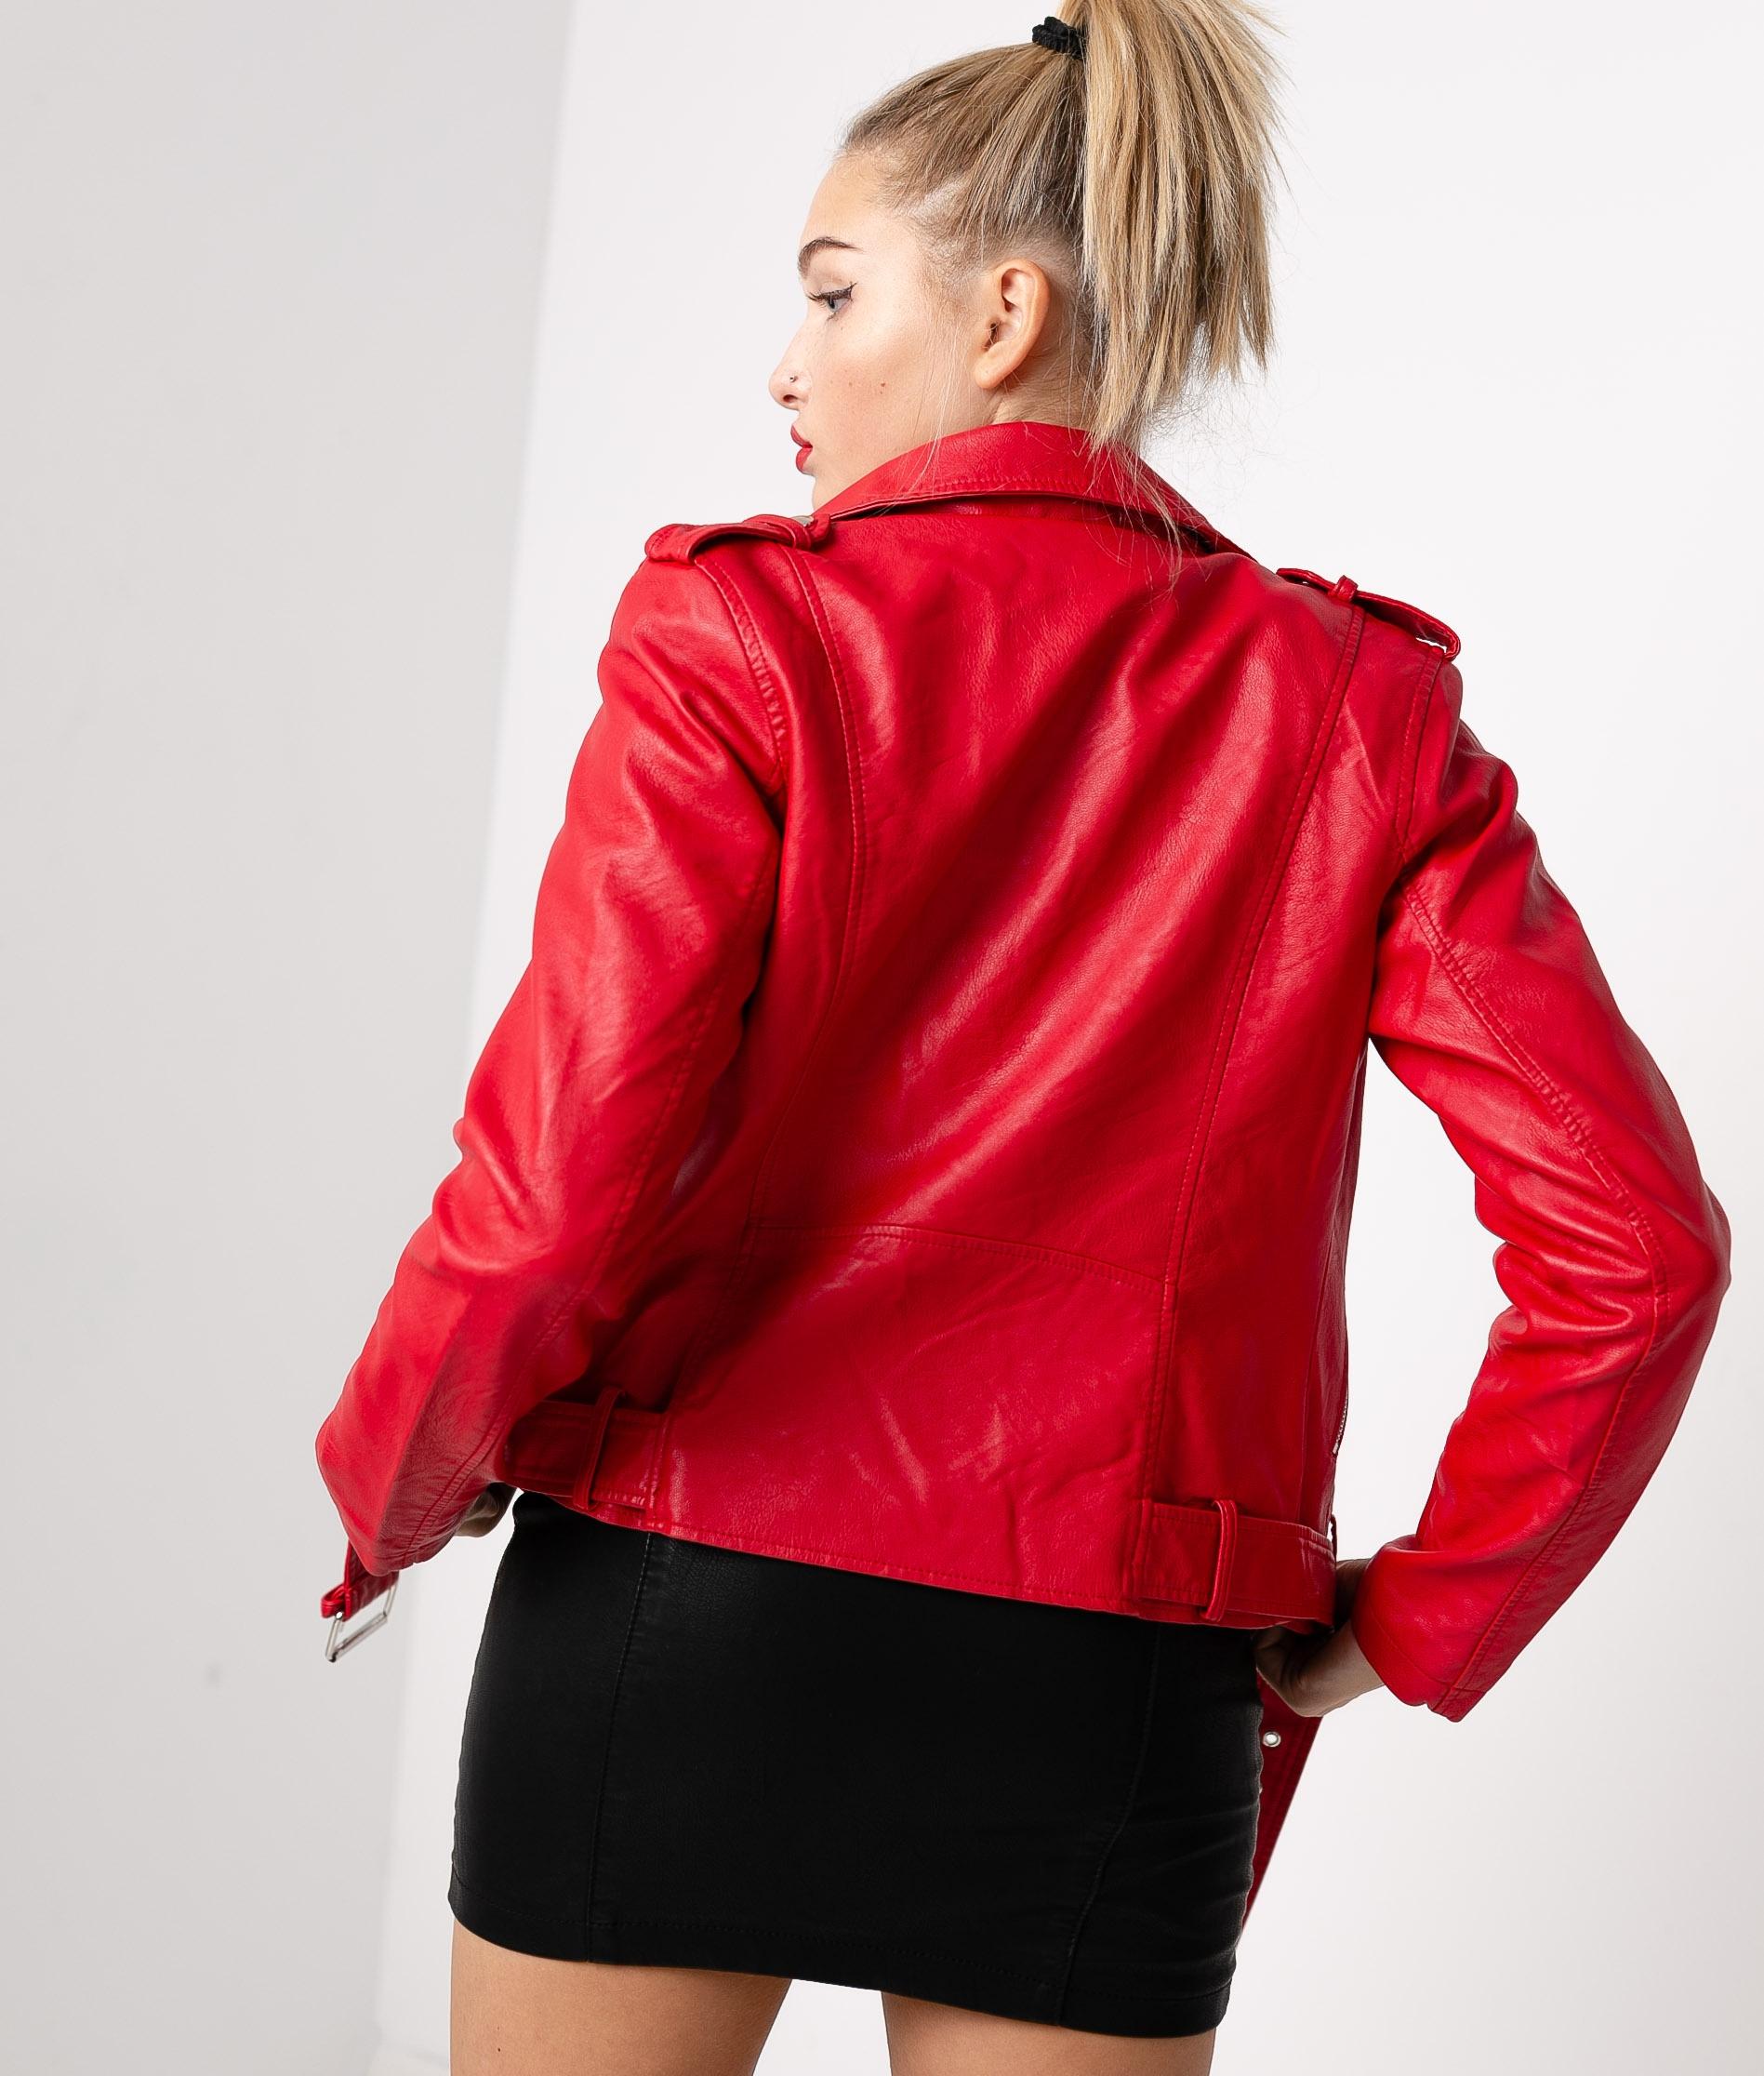 Muguru jacket - Red